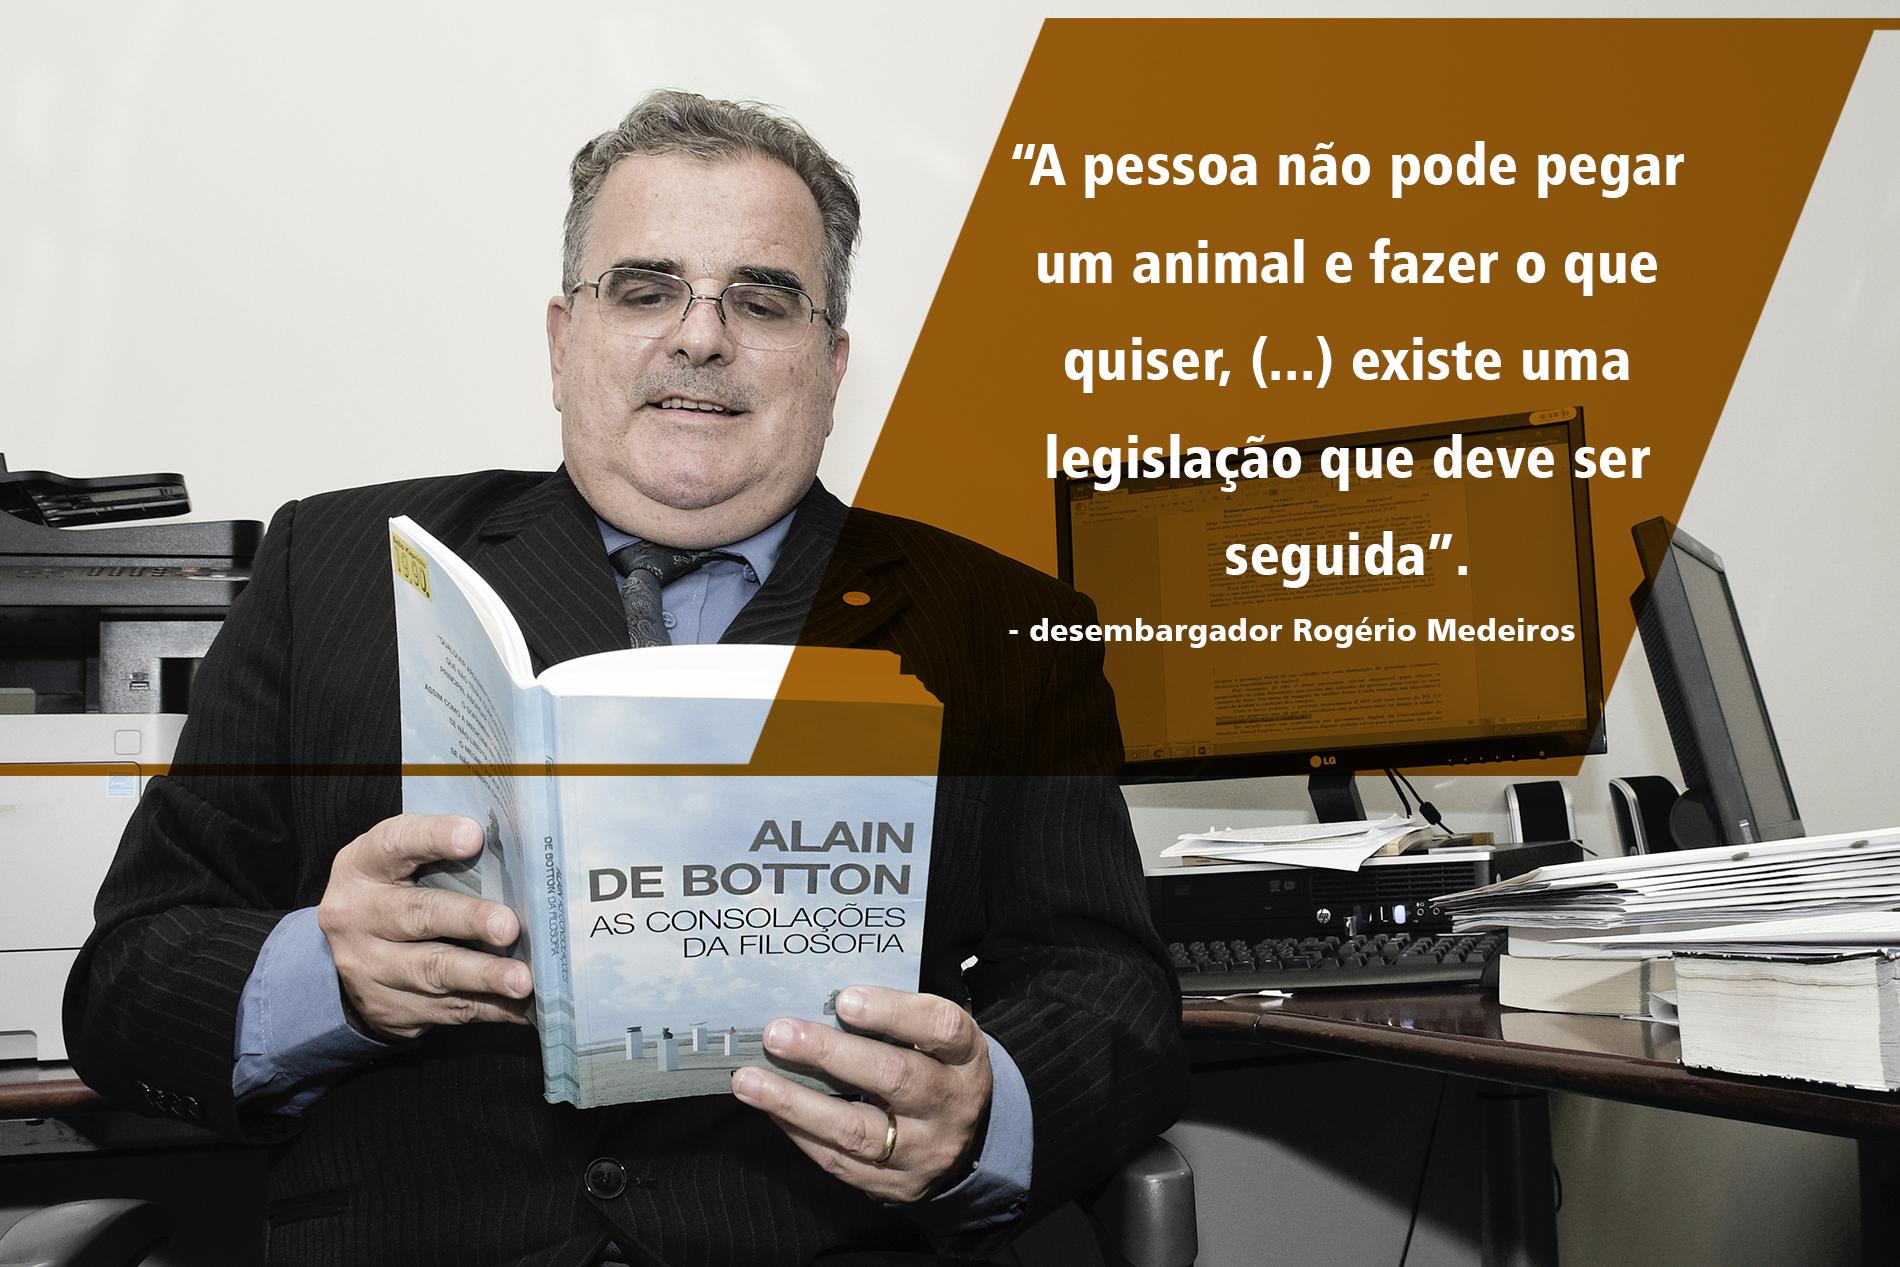 foto do desembargador do Tribunal de Justiça de Minas Gerais, Rogério Medeiros.